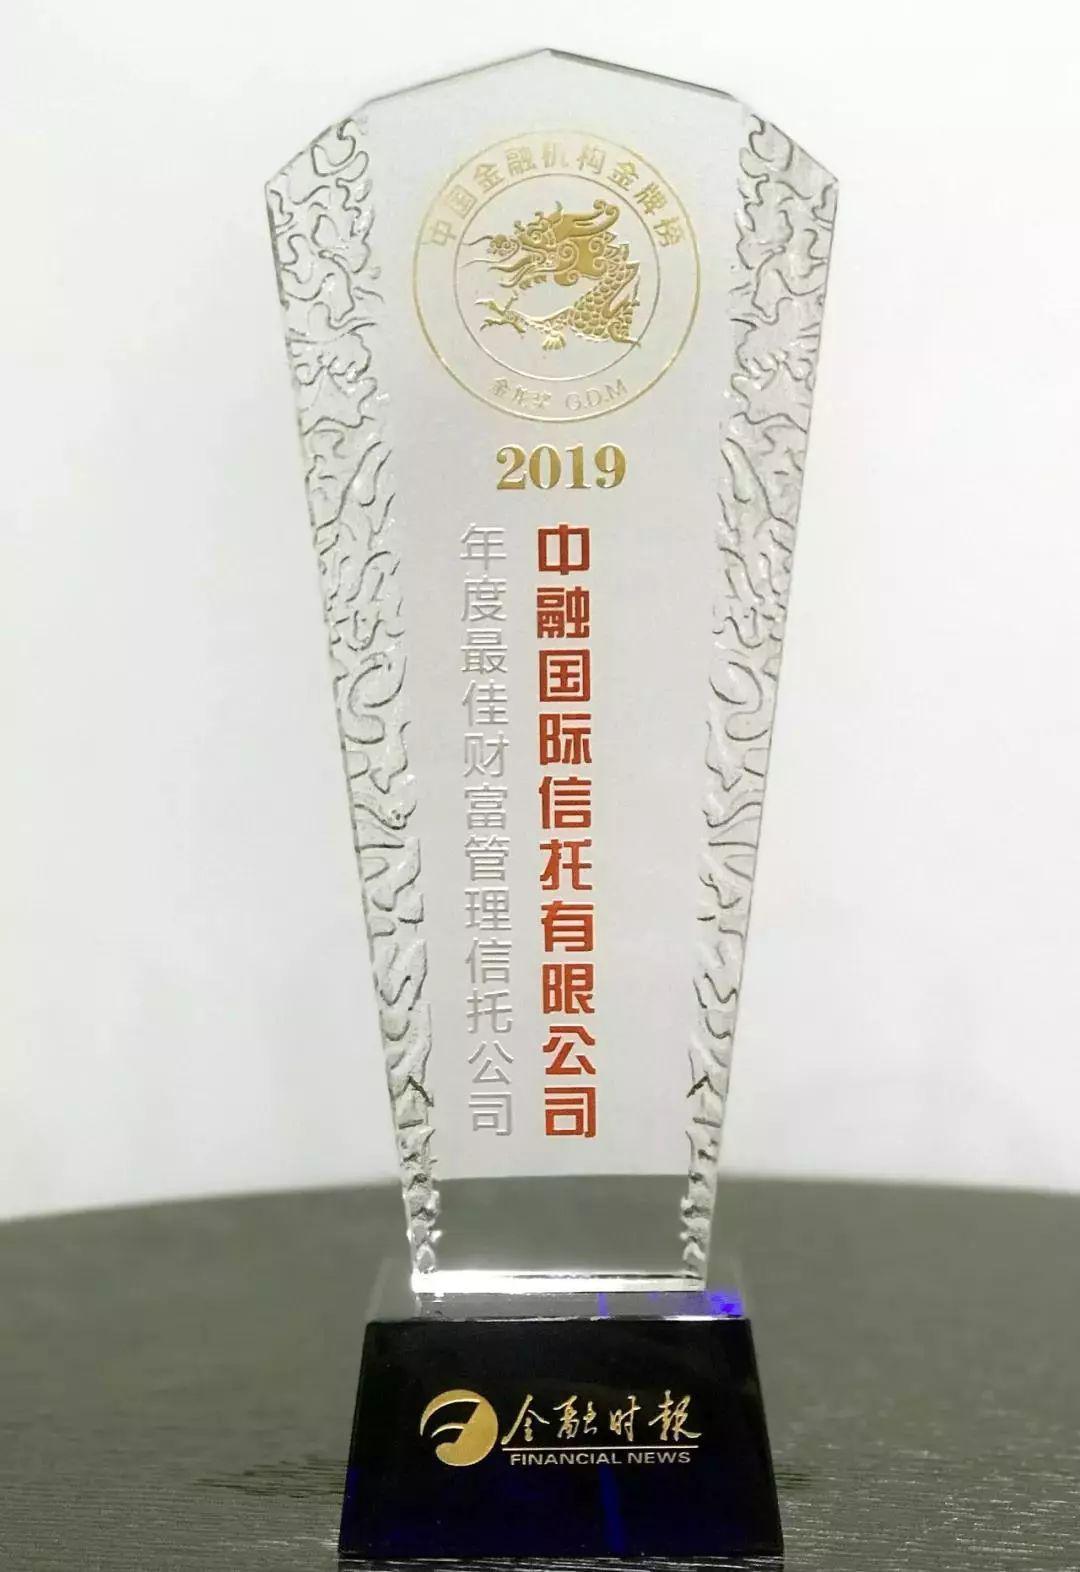 """中融信托荣获""""年度最佳财富管理信托公司""""奖"""